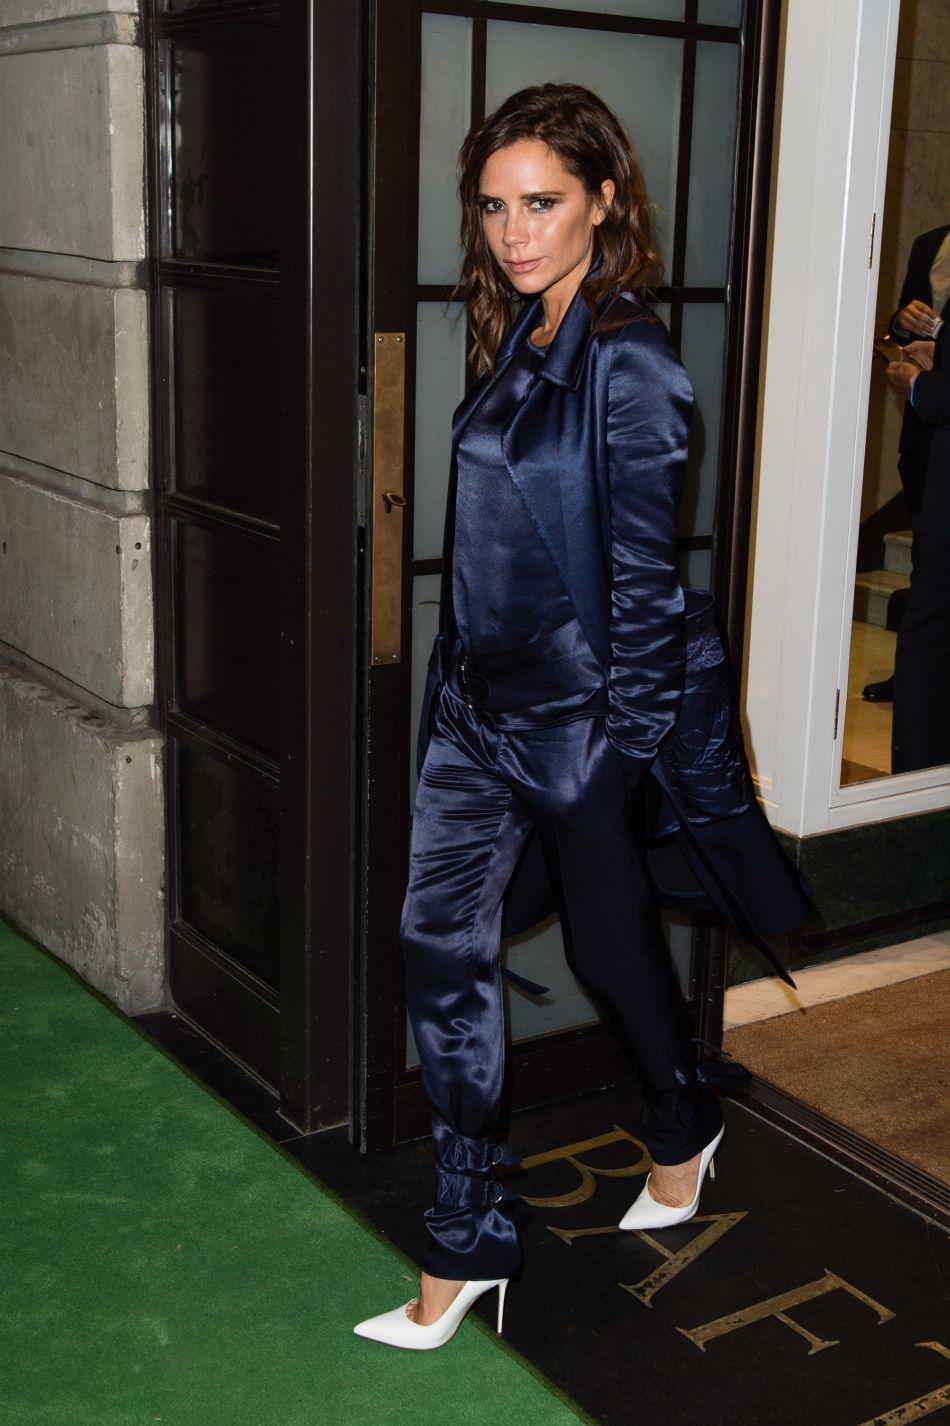 Le look pyjama en satin, on adore sur Victoria Beckham.